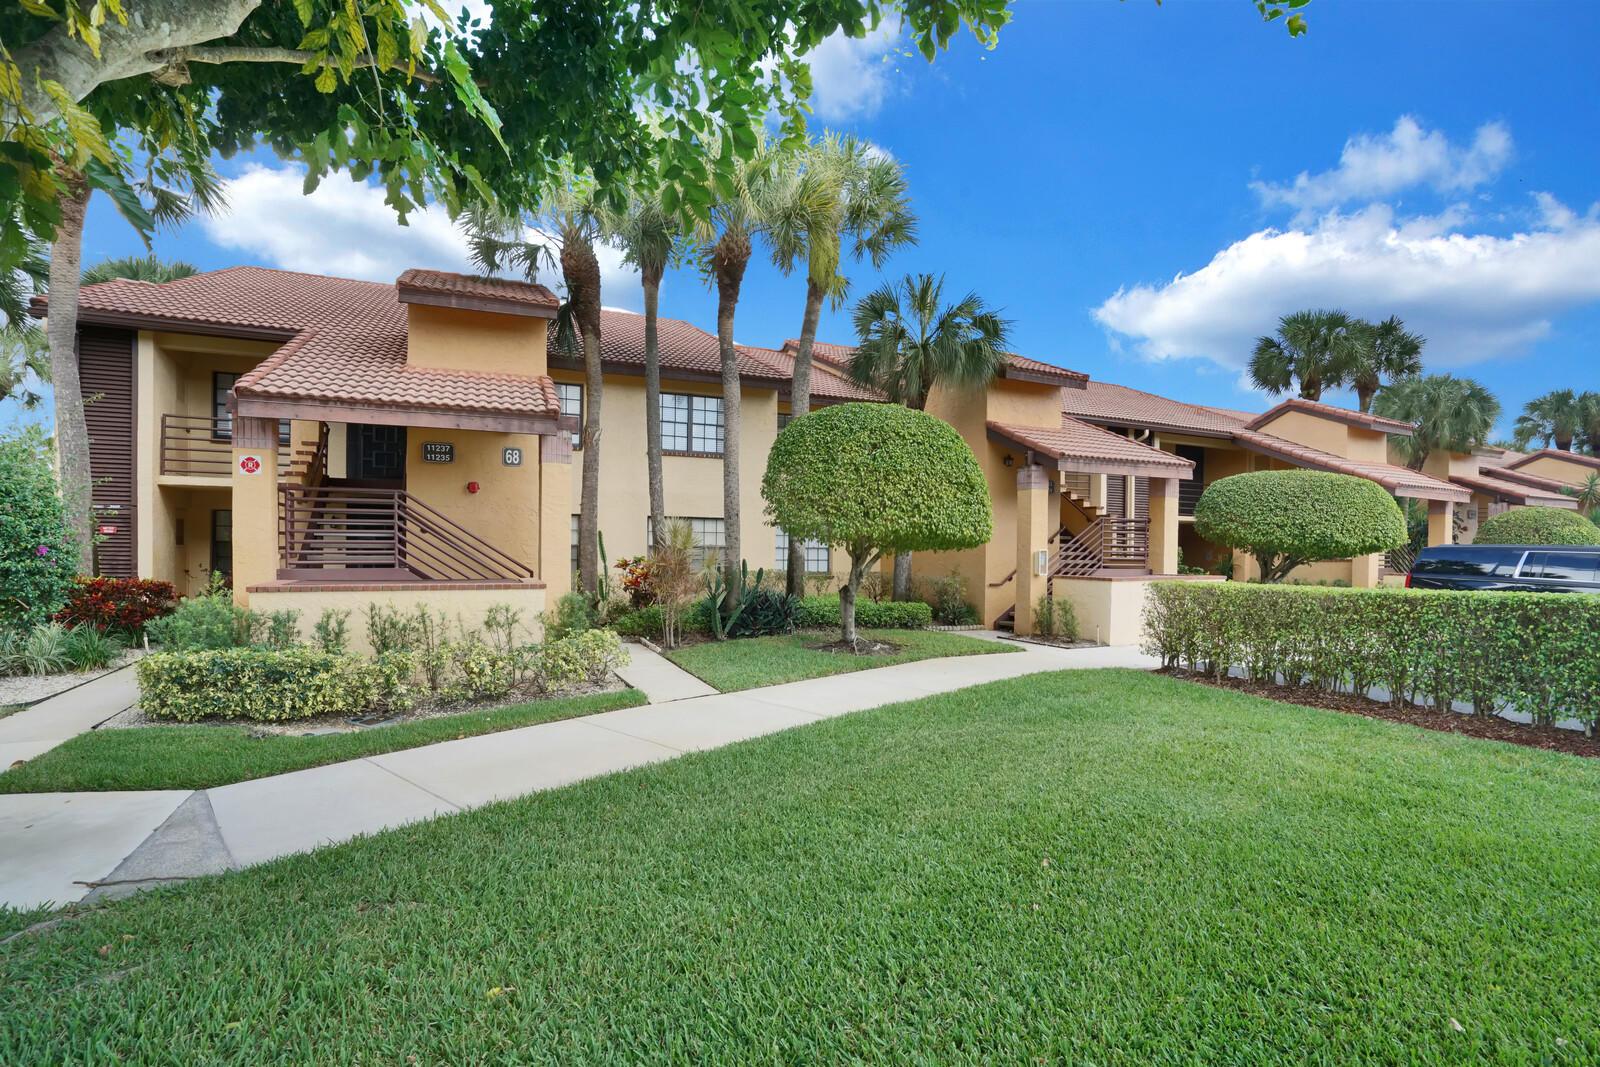 Home for sale in Aspen Glen - Indian Springs Boynton Beach Florida